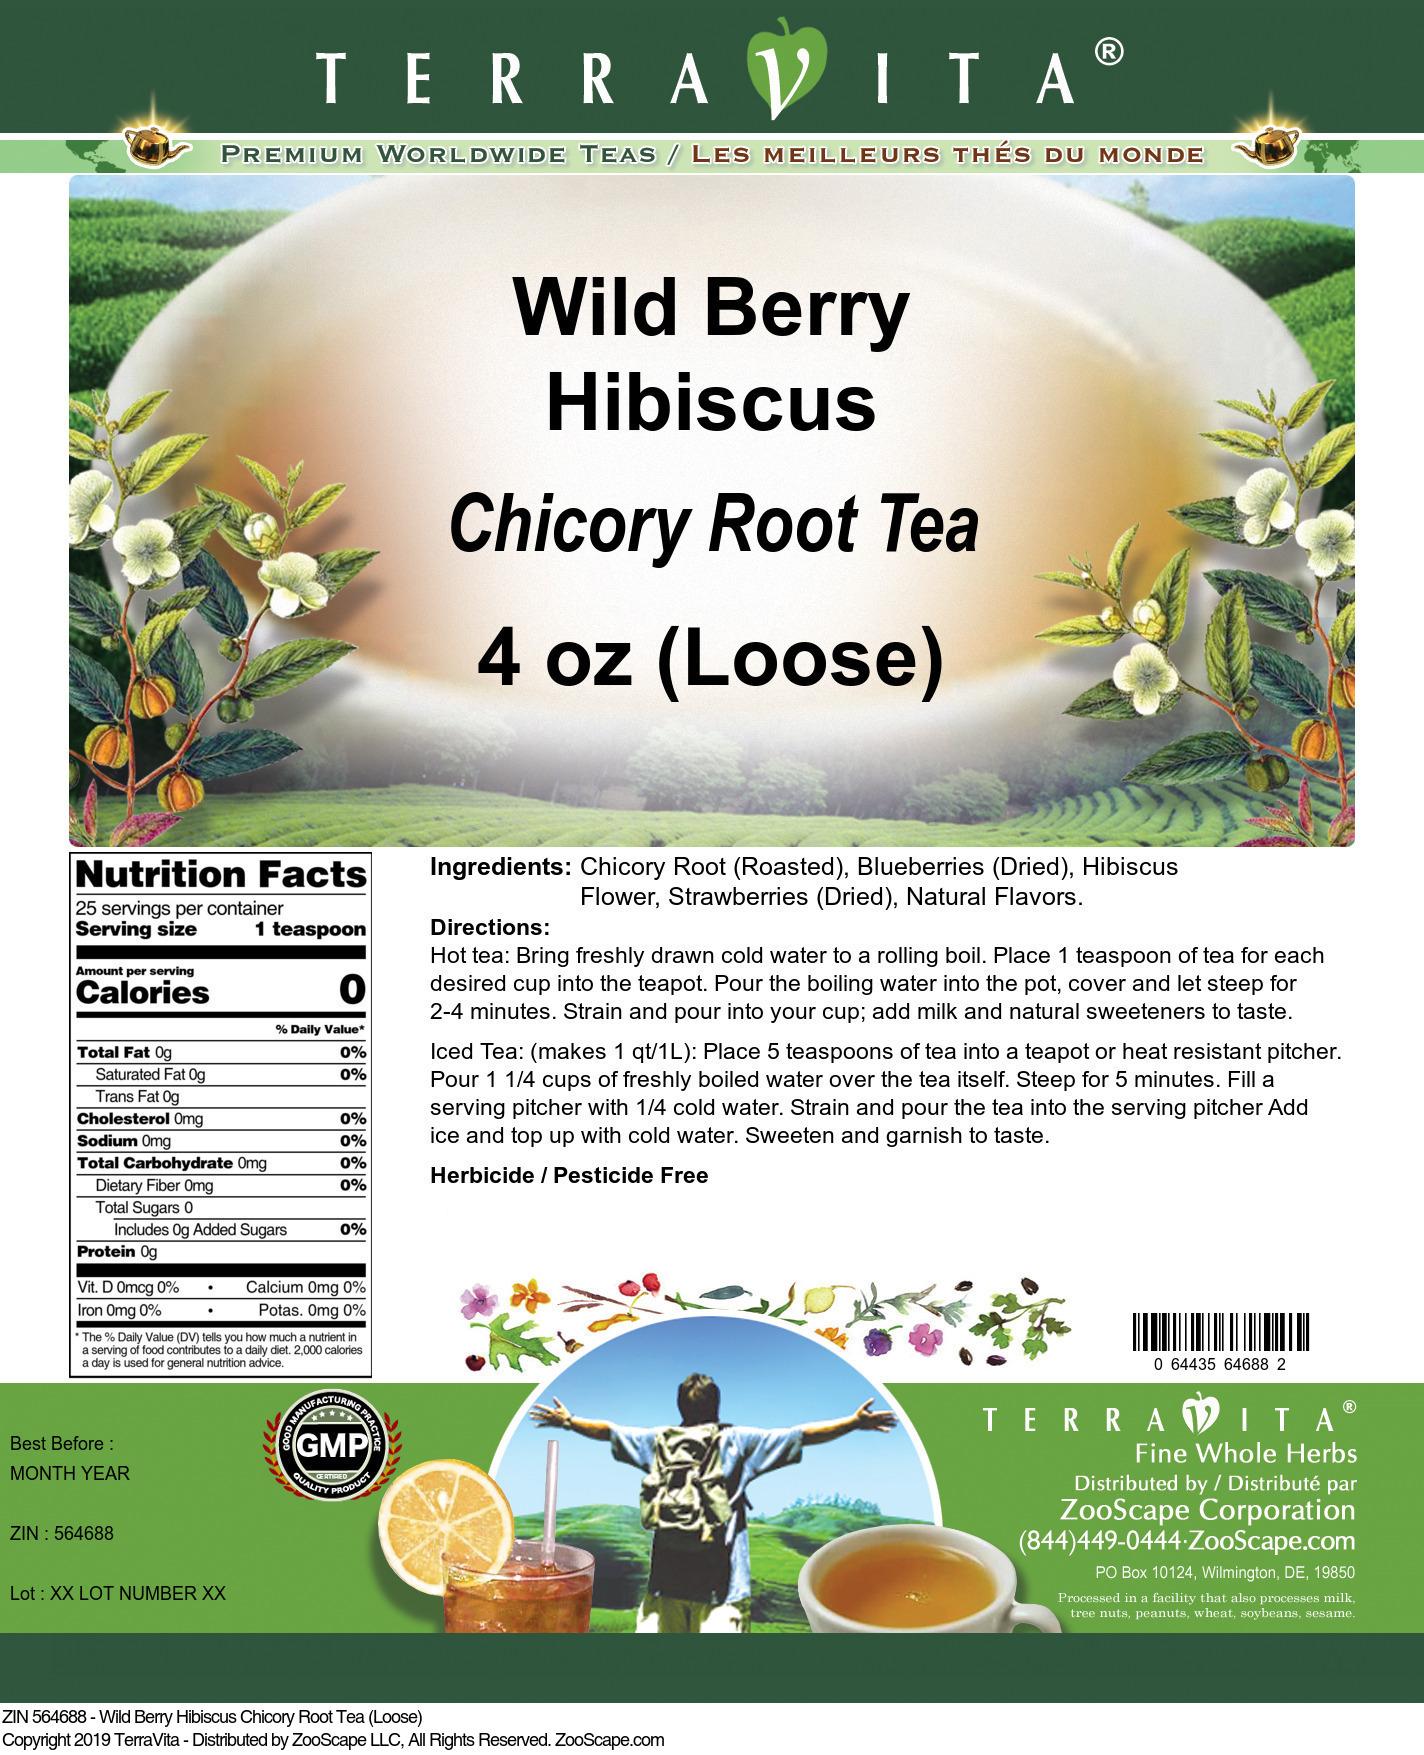 Wild Berry Hibiscus Chicory Root